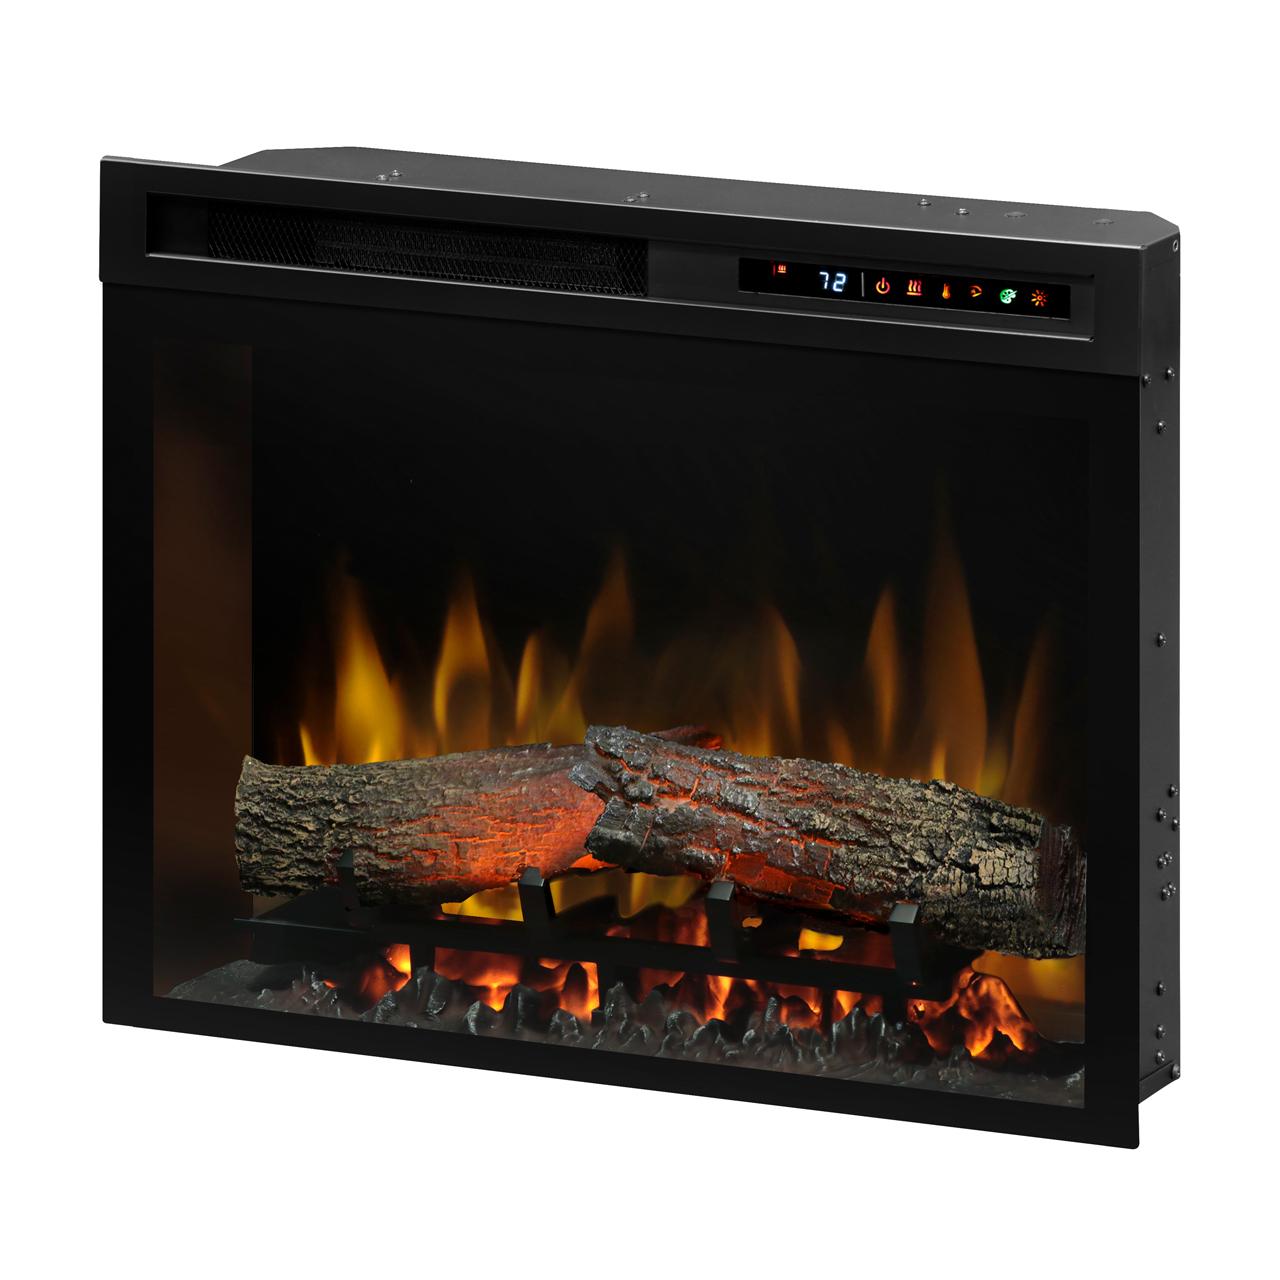 XHD23L Firebox Right 72F 1280